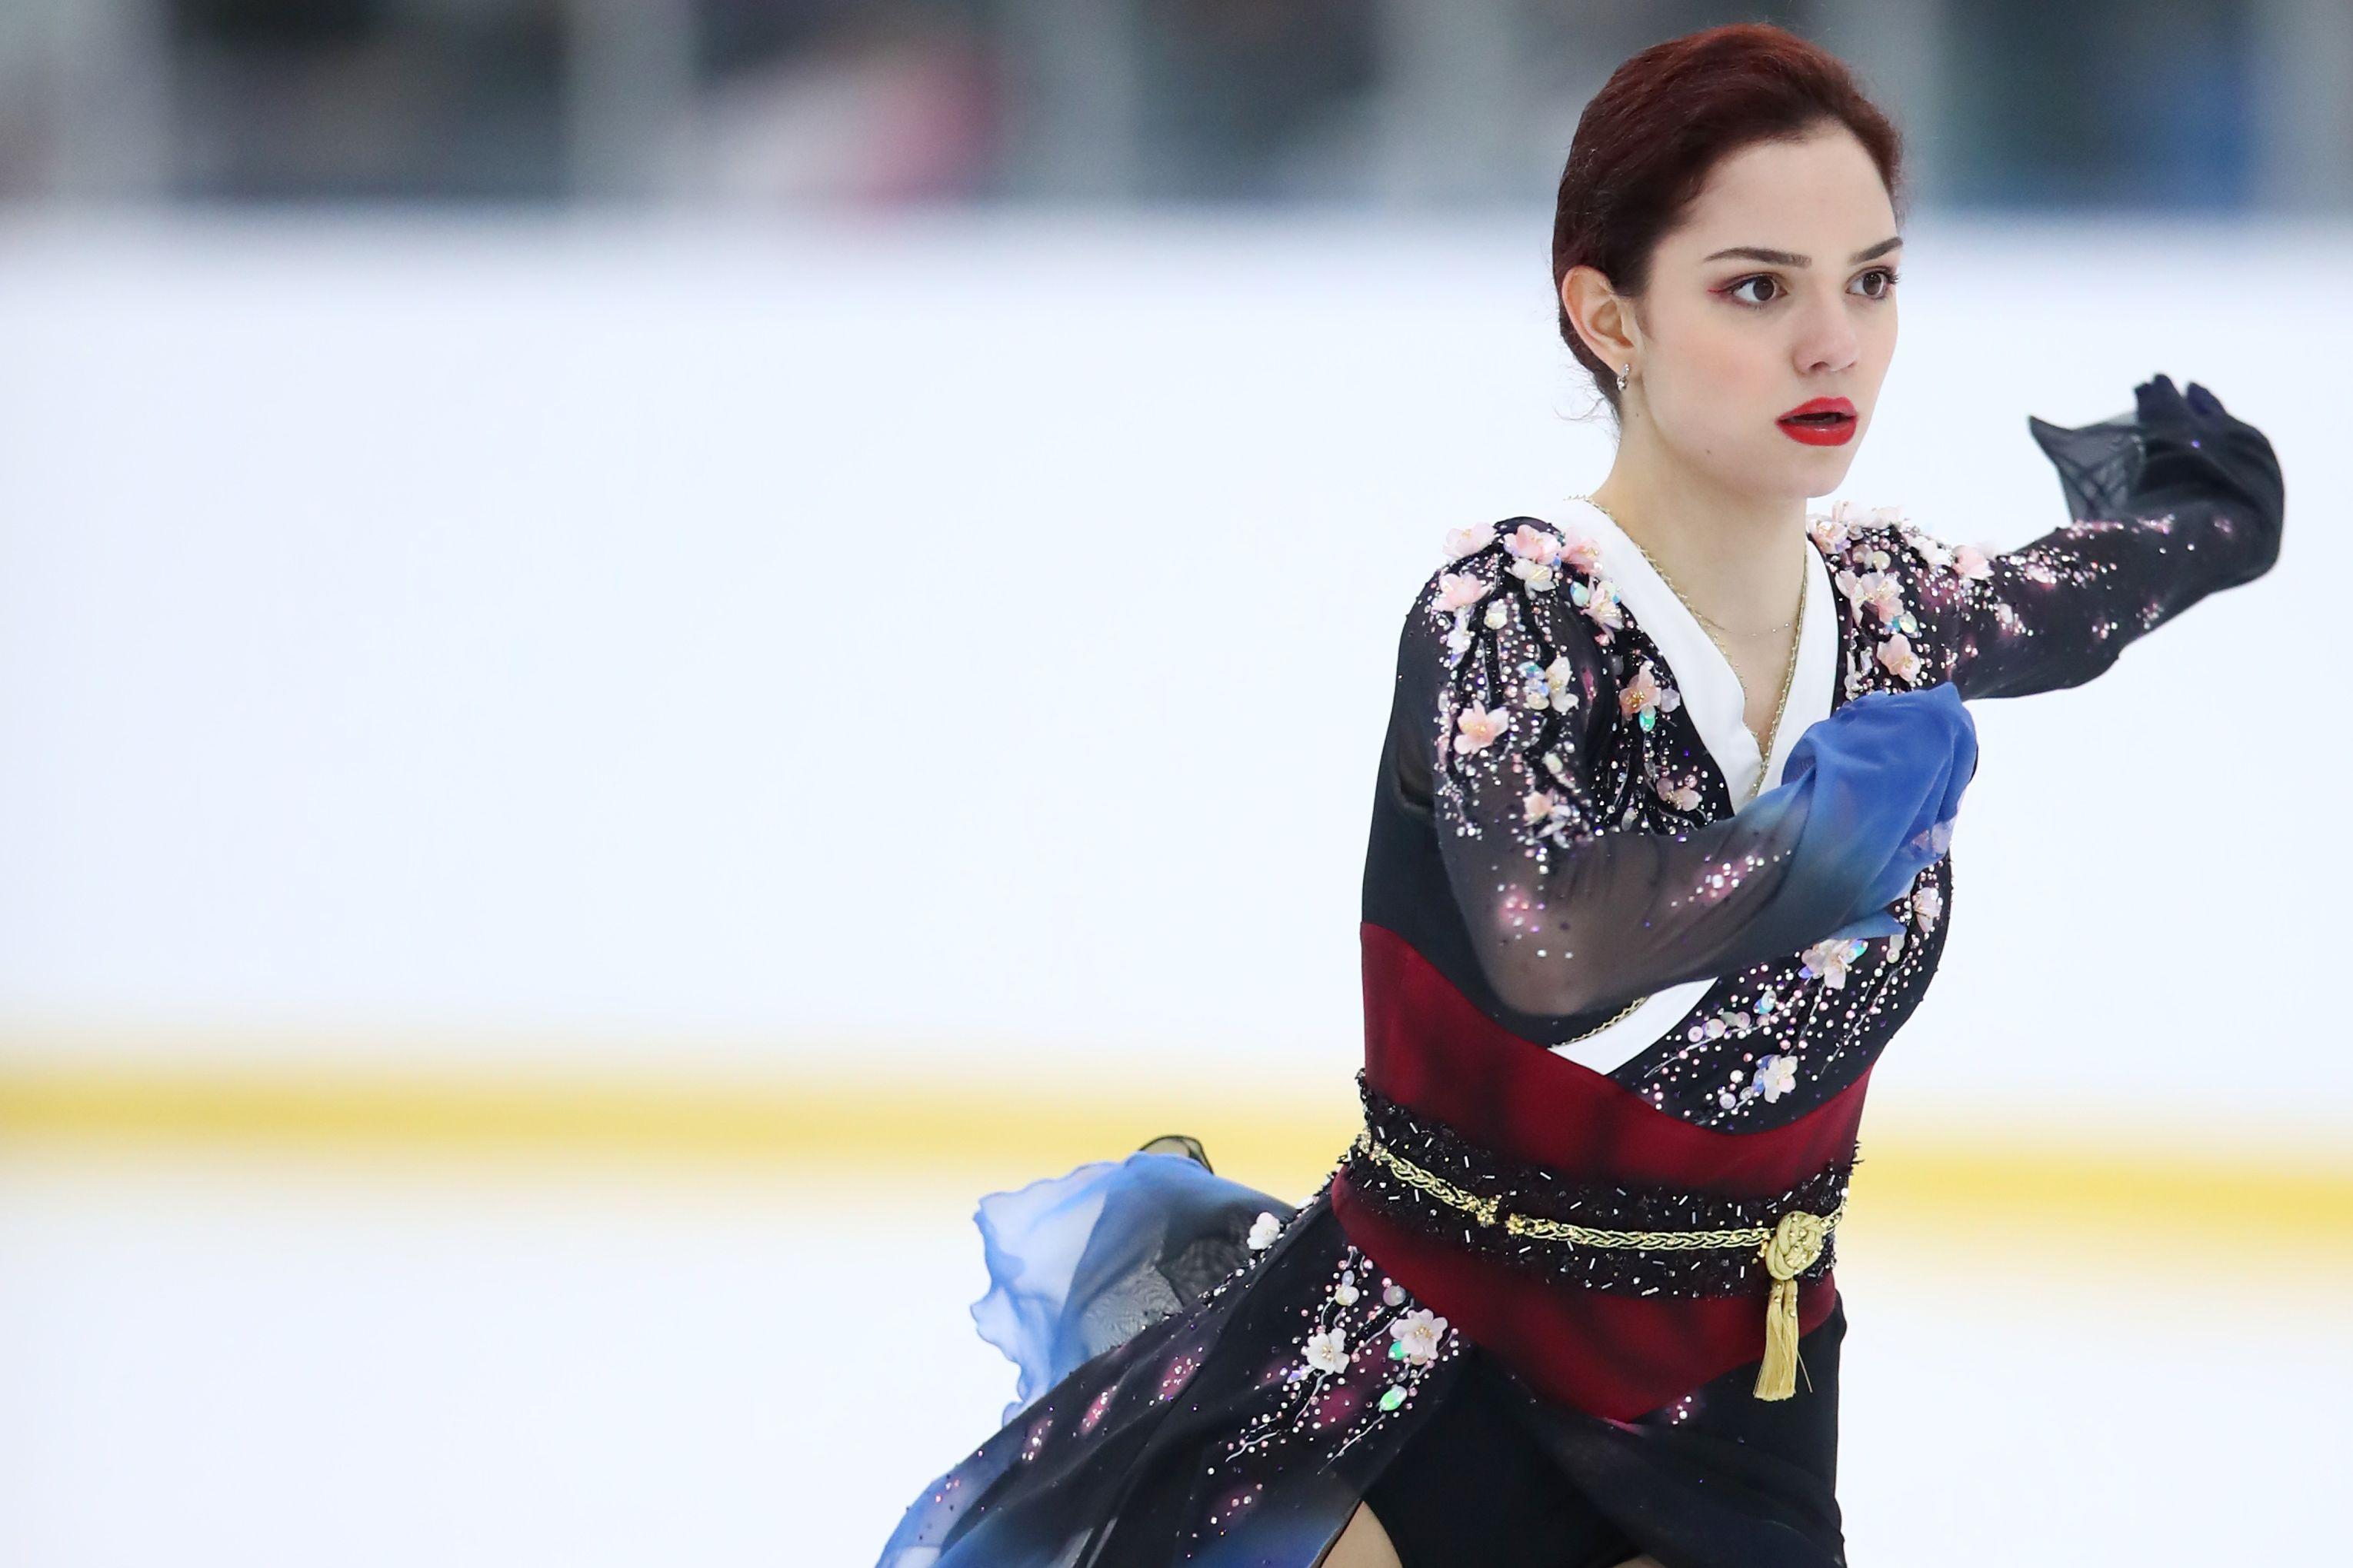 Медведева рассказала, кем видит себя после завершения карьеры